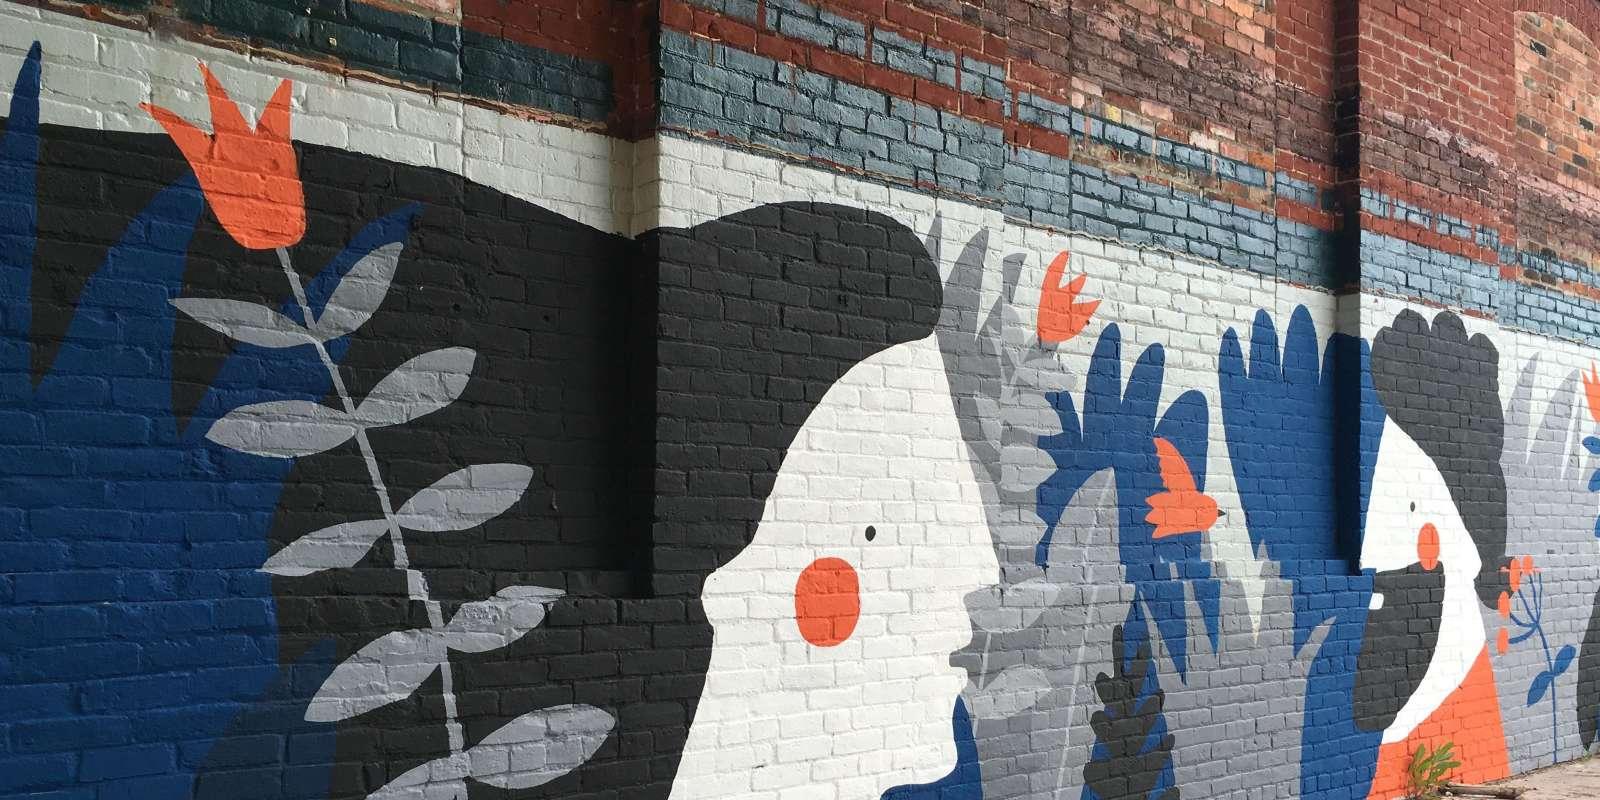 MAKE Paducah Mural